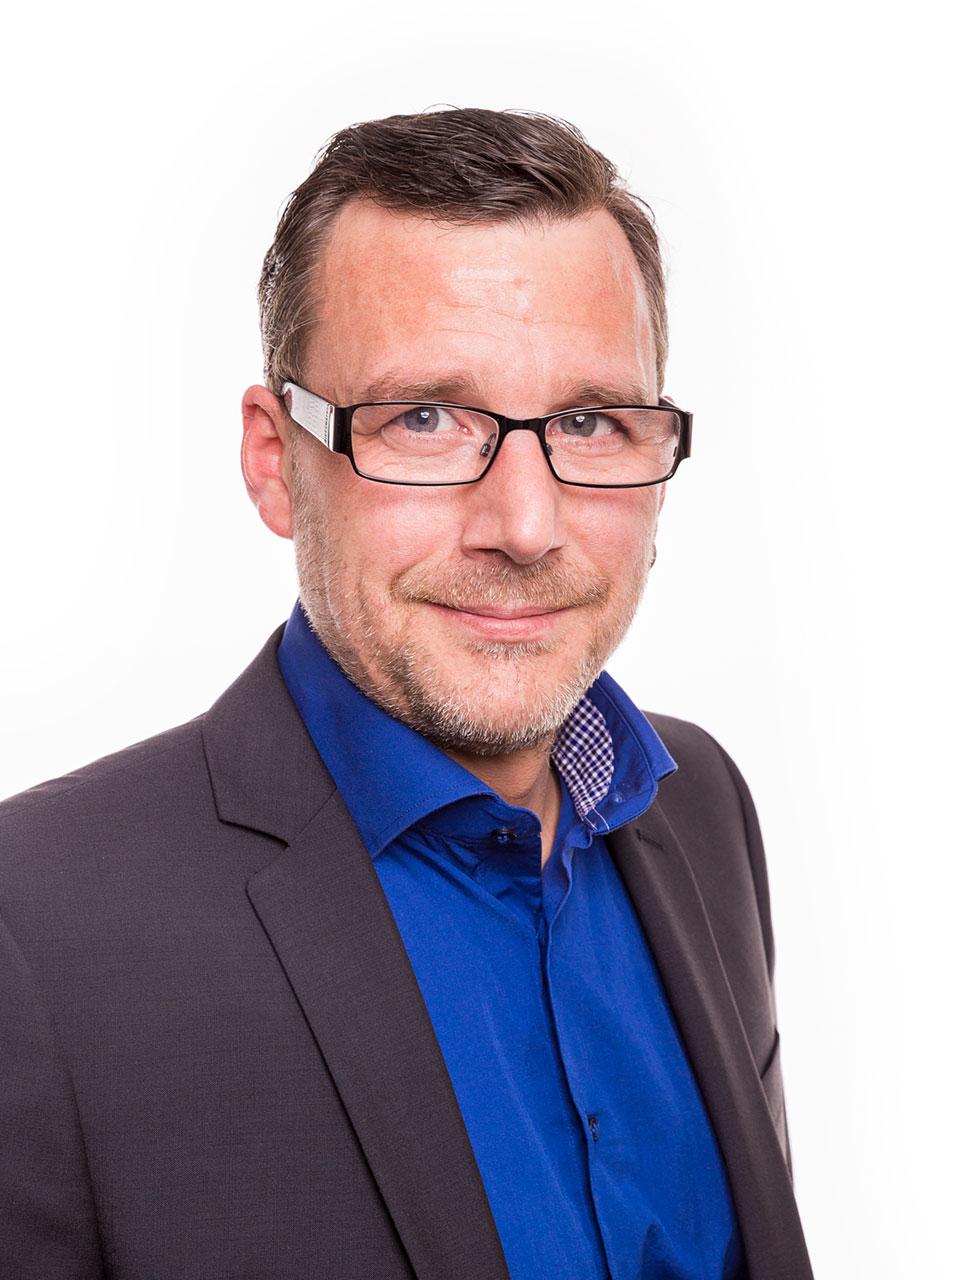 Fotograf Schwarzwald Business Mann mit Brille Sakko und blauem Hemd vor weißem Hintergrund